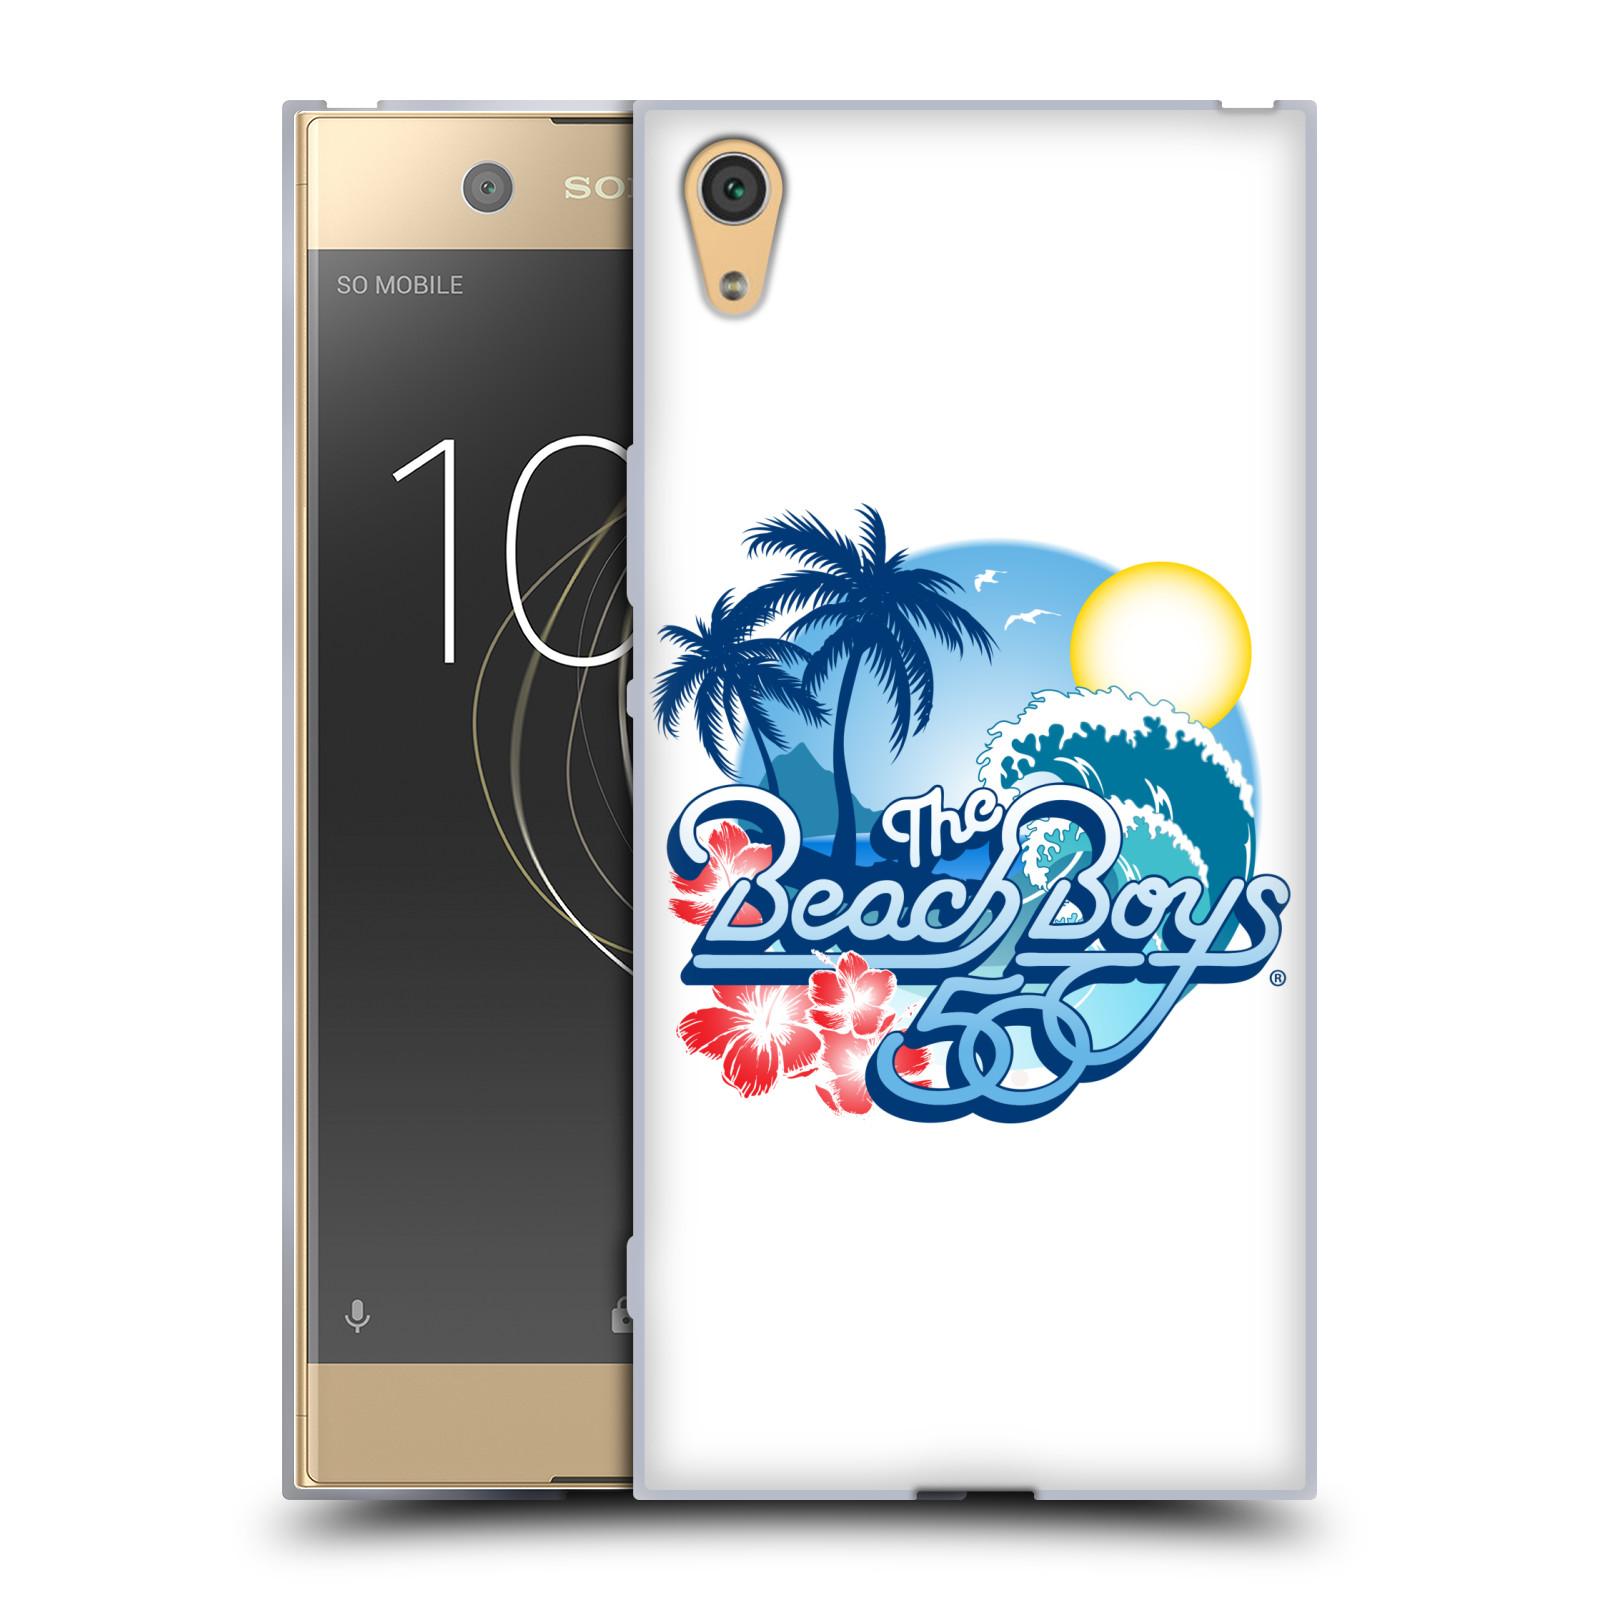 HEAD CASE silikonový obal na mobil Sony Xperia XA1 ULTRA skupina The Beach Boys logo 50. výročí